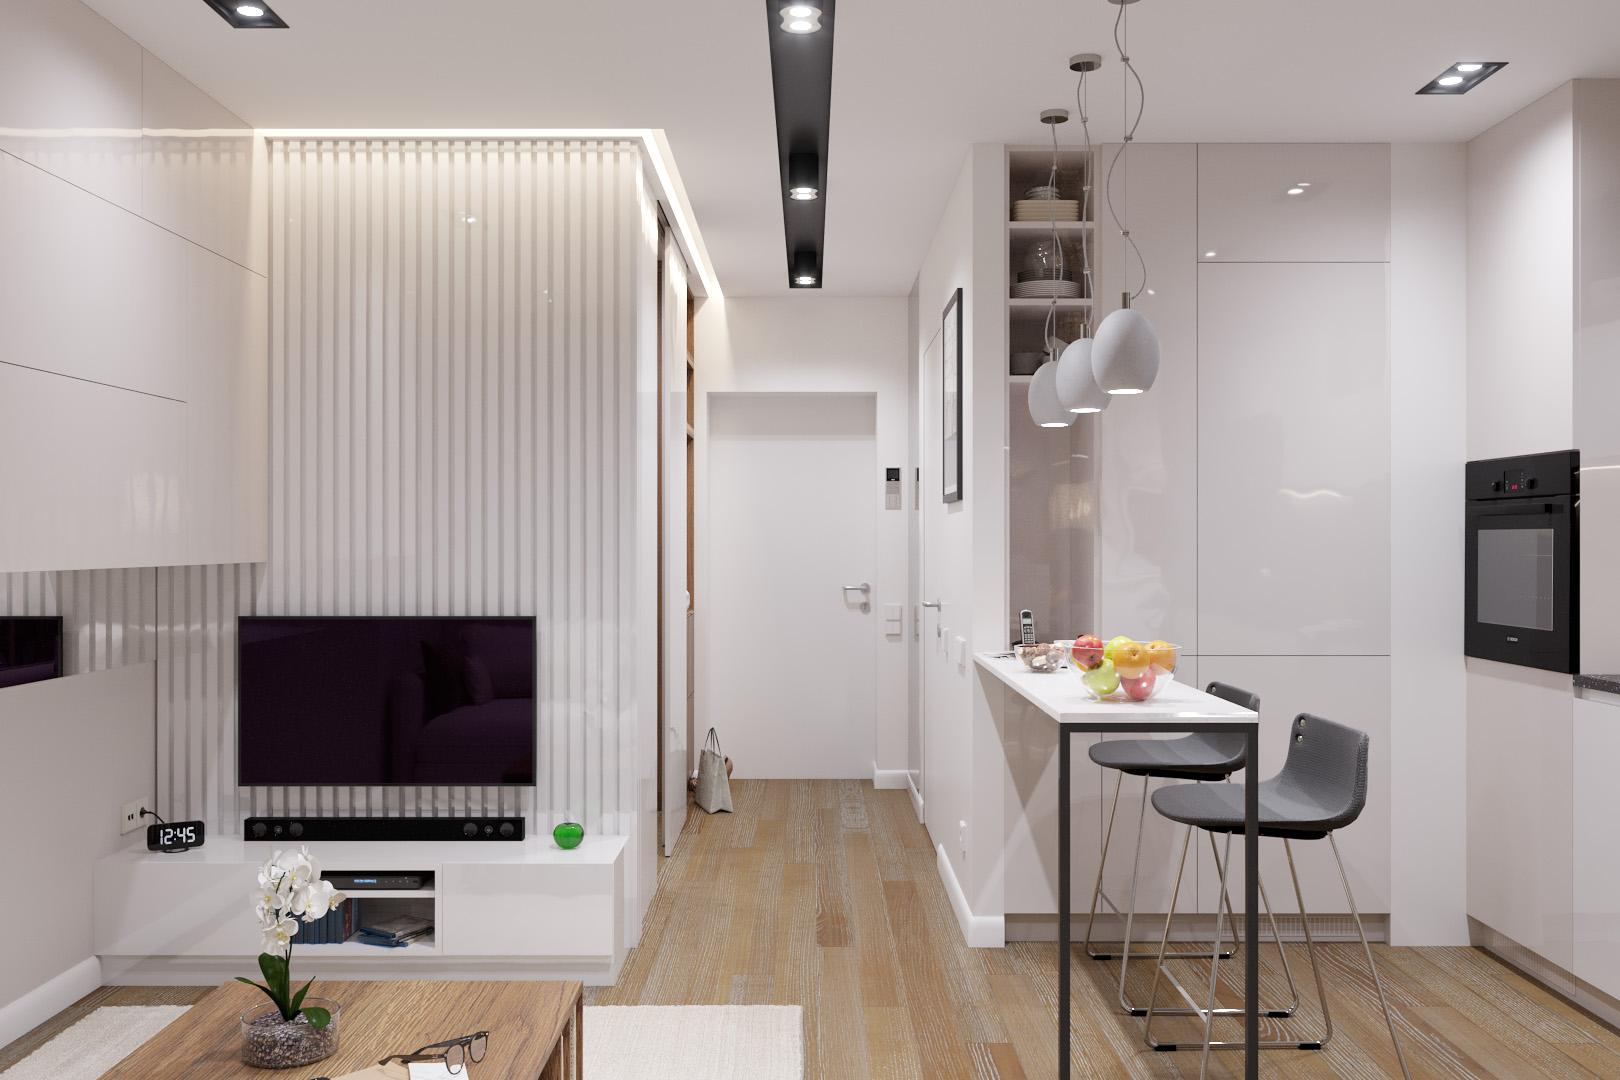 Вид с комнаты на вход в квартиру, вечерний свет